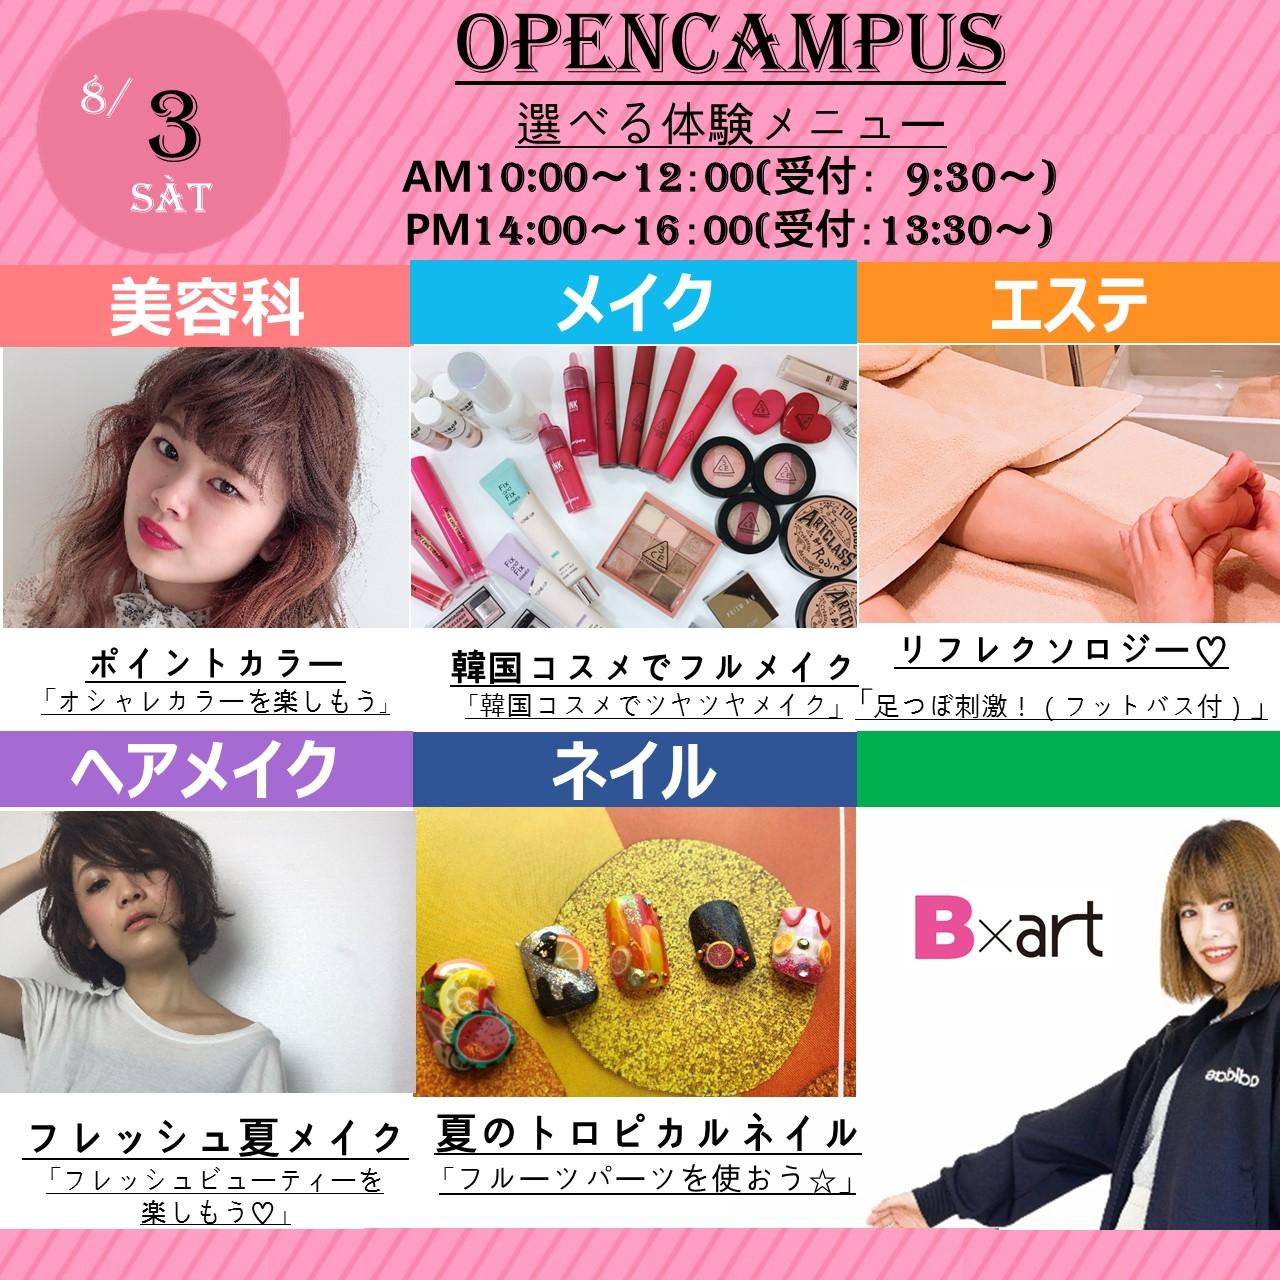 8月3日イベカレ用PPT フォーマット - 横VER.jpg